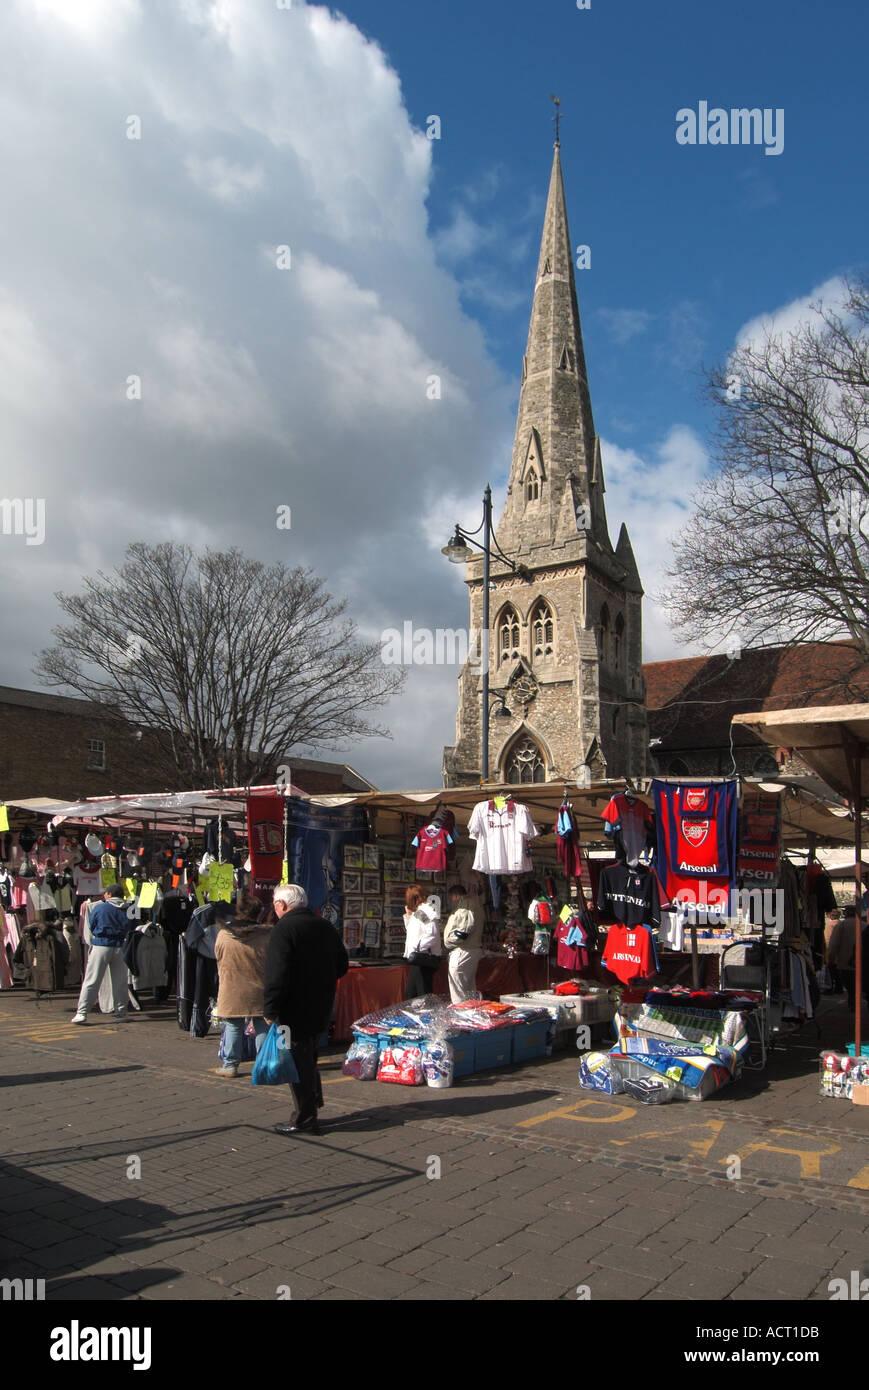 Romford Marktplatz mit verschiedenen Ständen und Turm der Kirche St. Edwards über Stockfoto